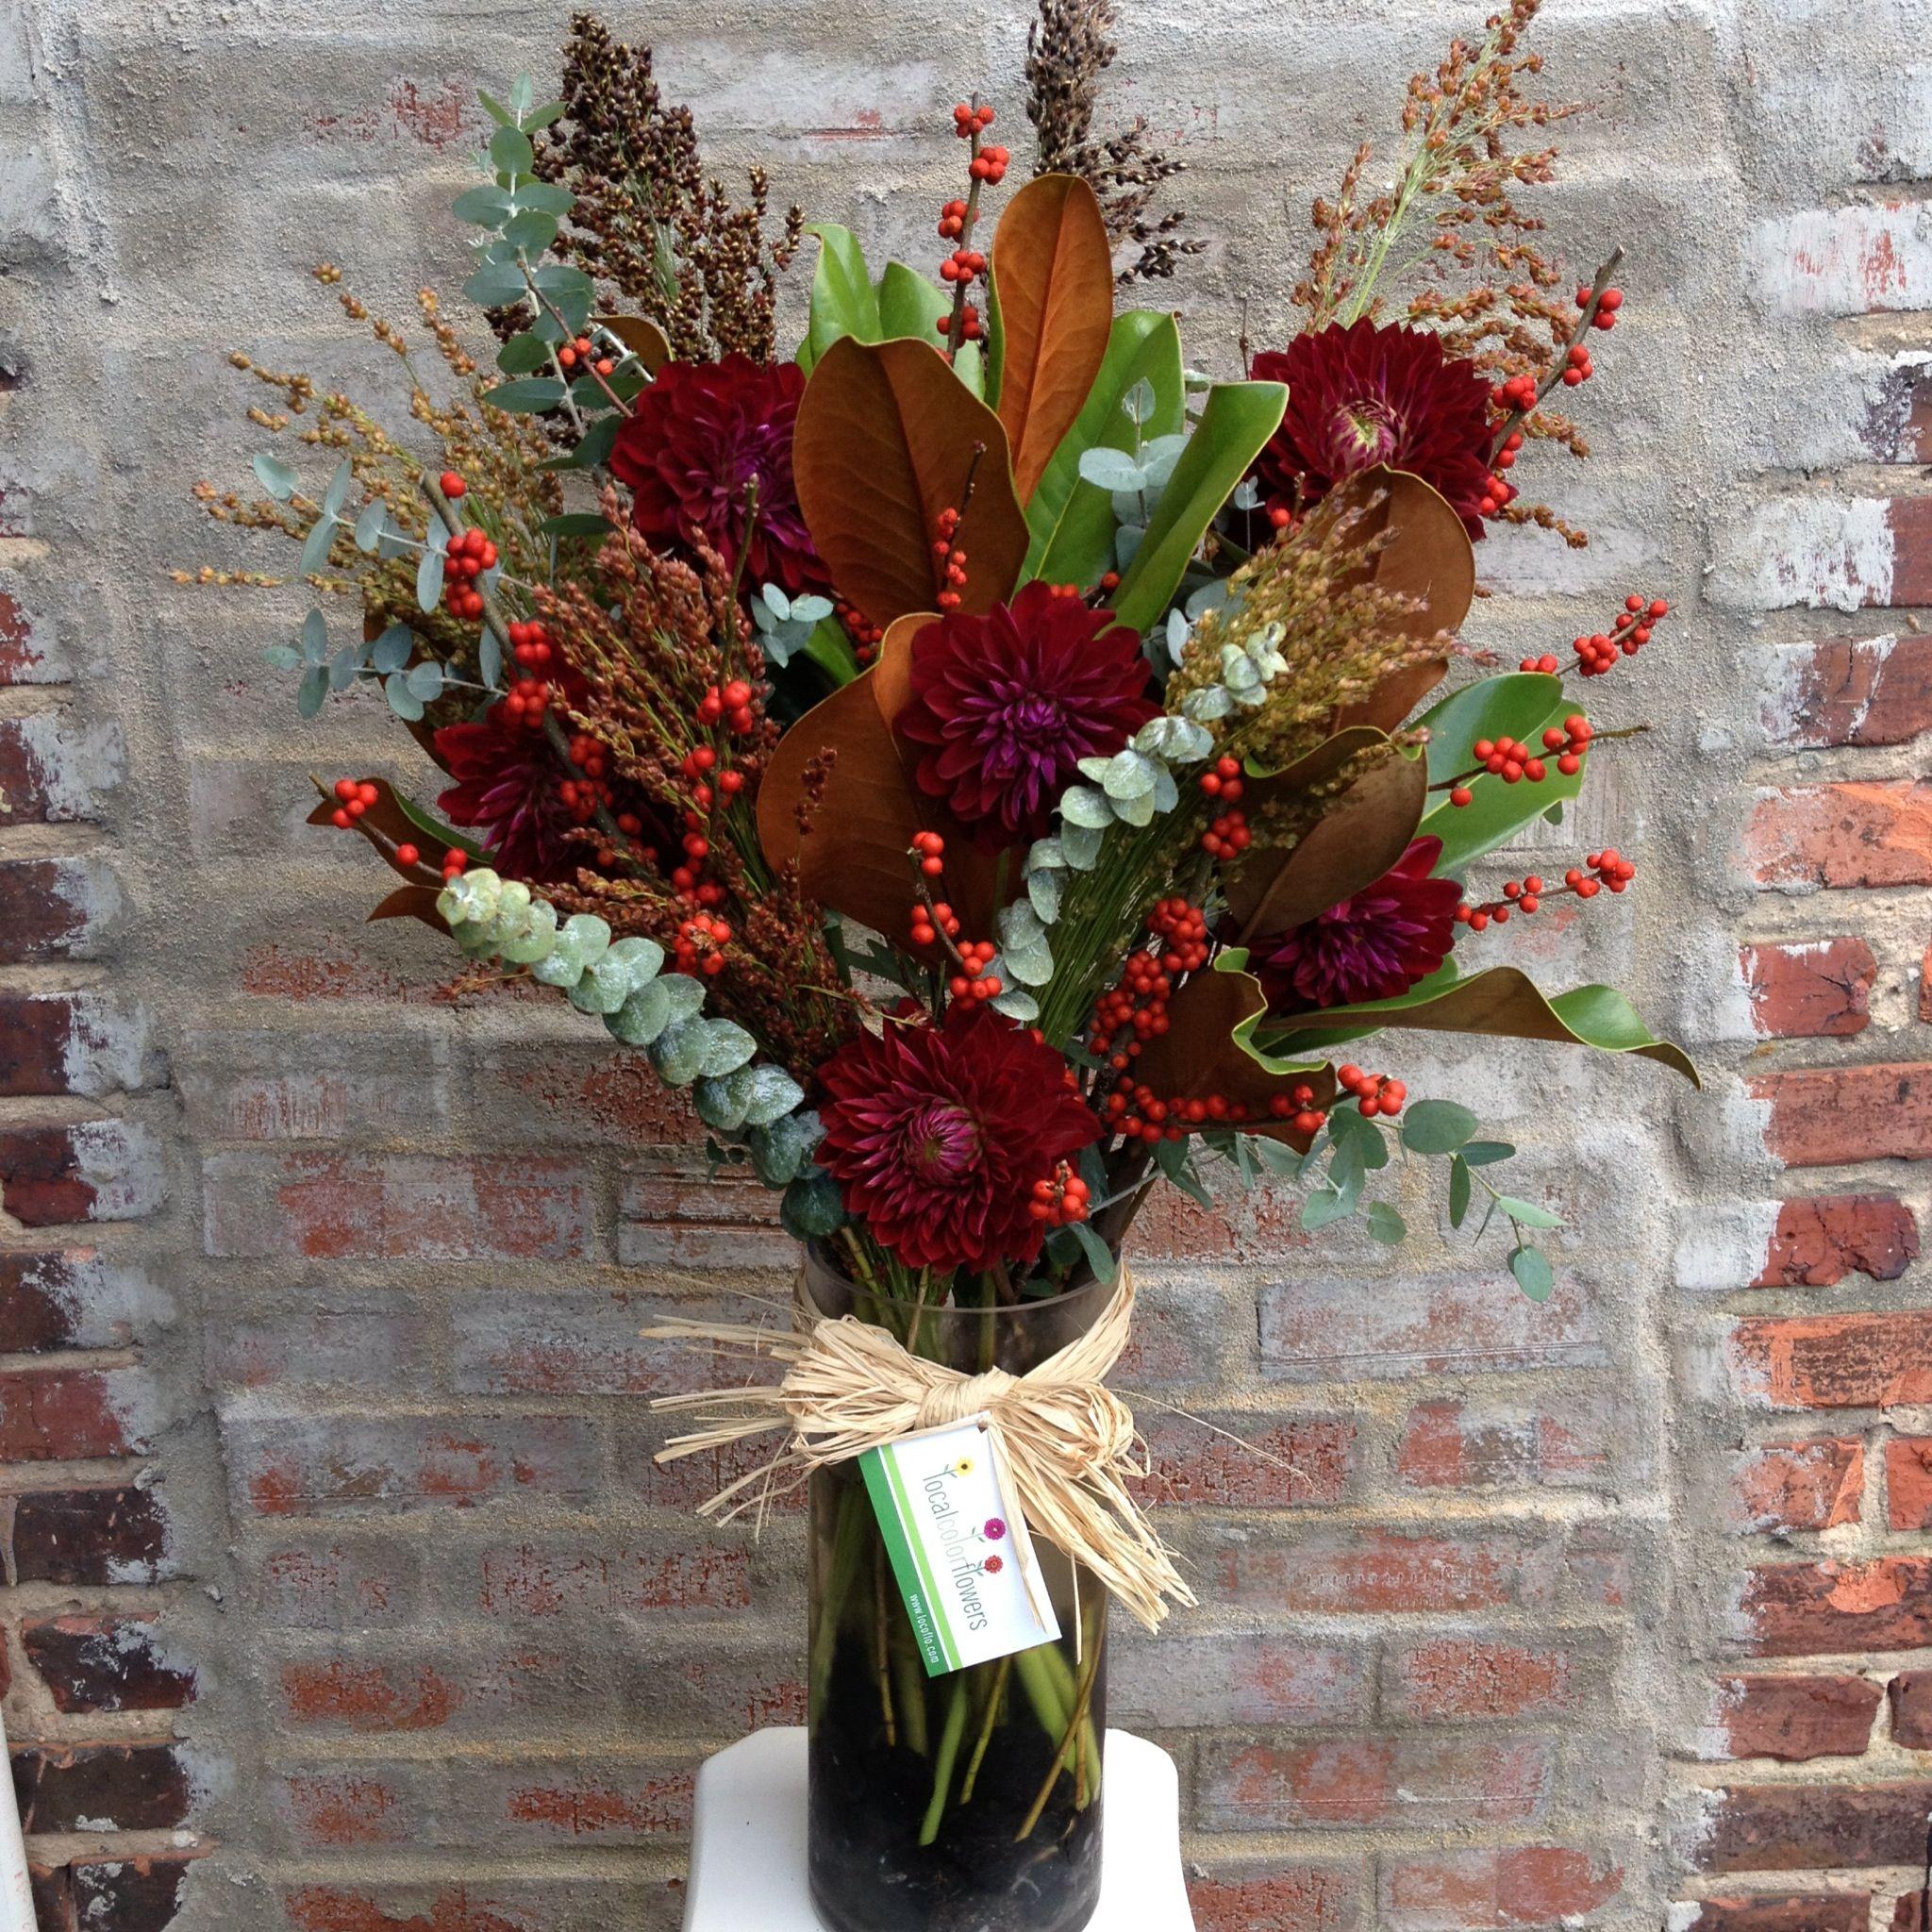 Wedding Broom Ideas: October Centerpiece With Local Magnolia, Dahlias, Broom